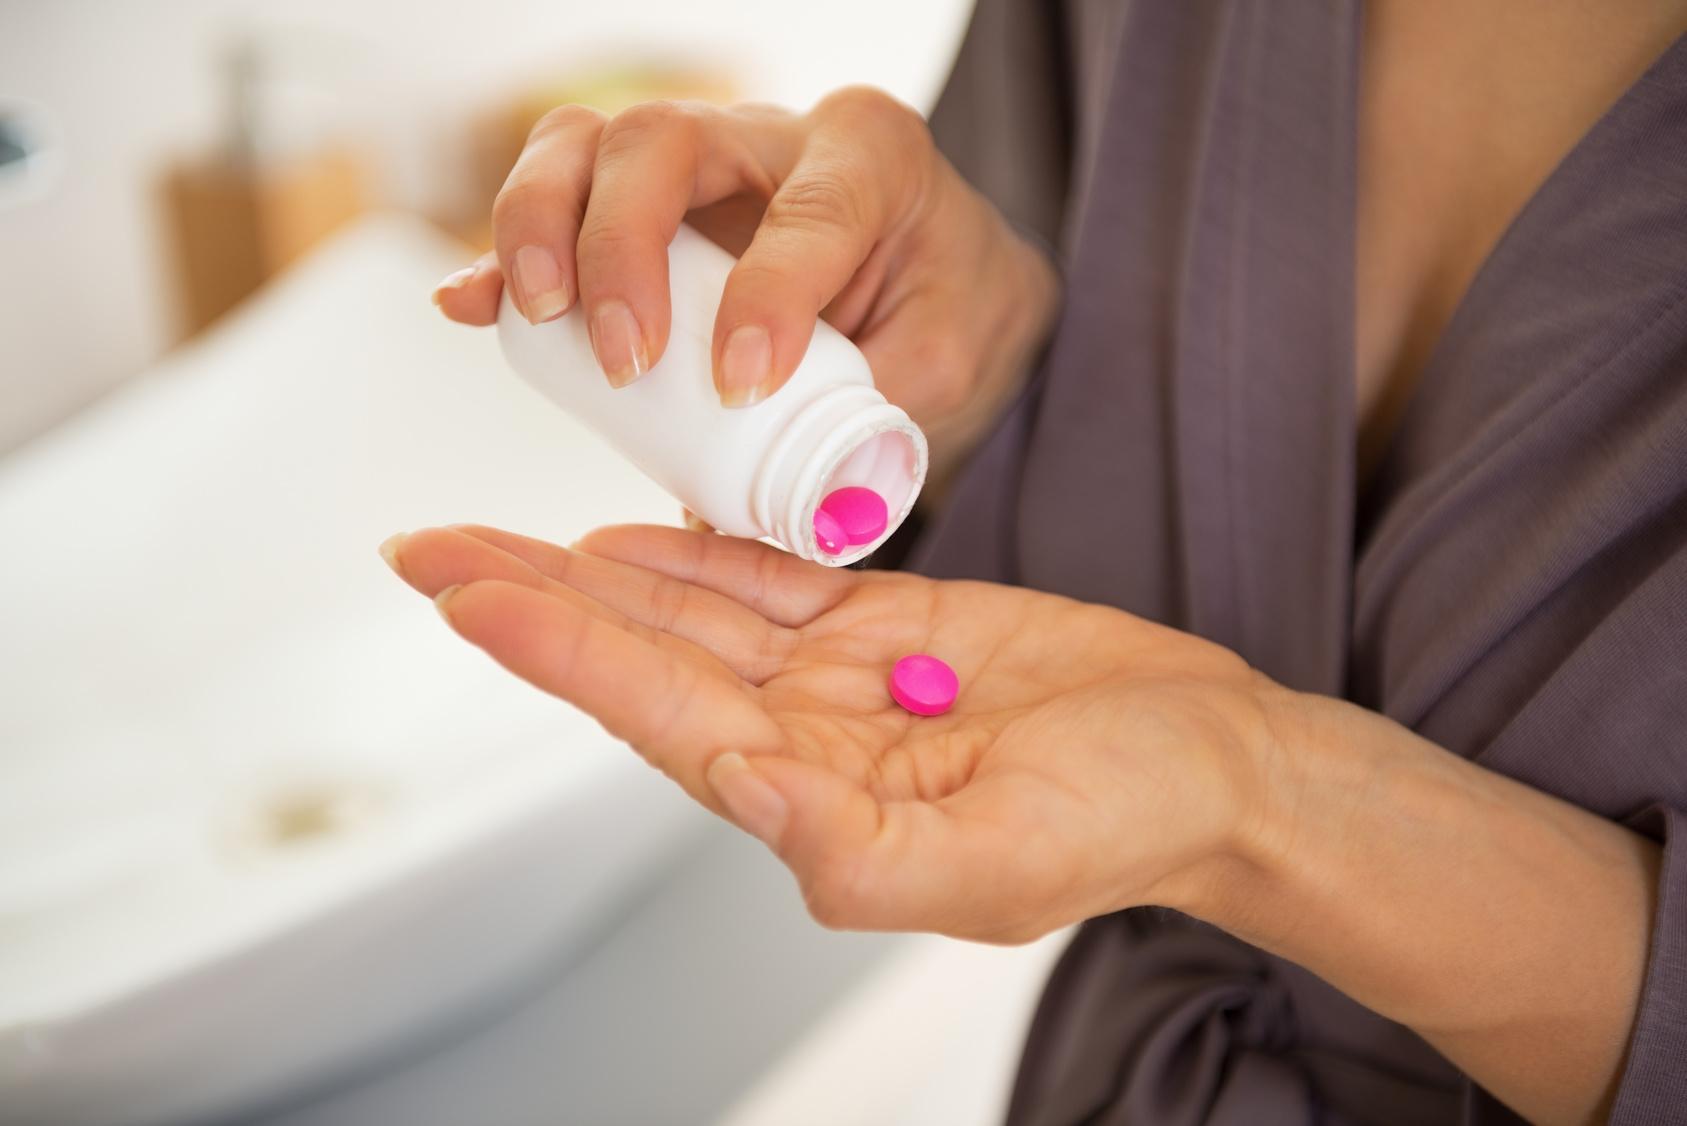 Наркология таблетки медицина наркомания